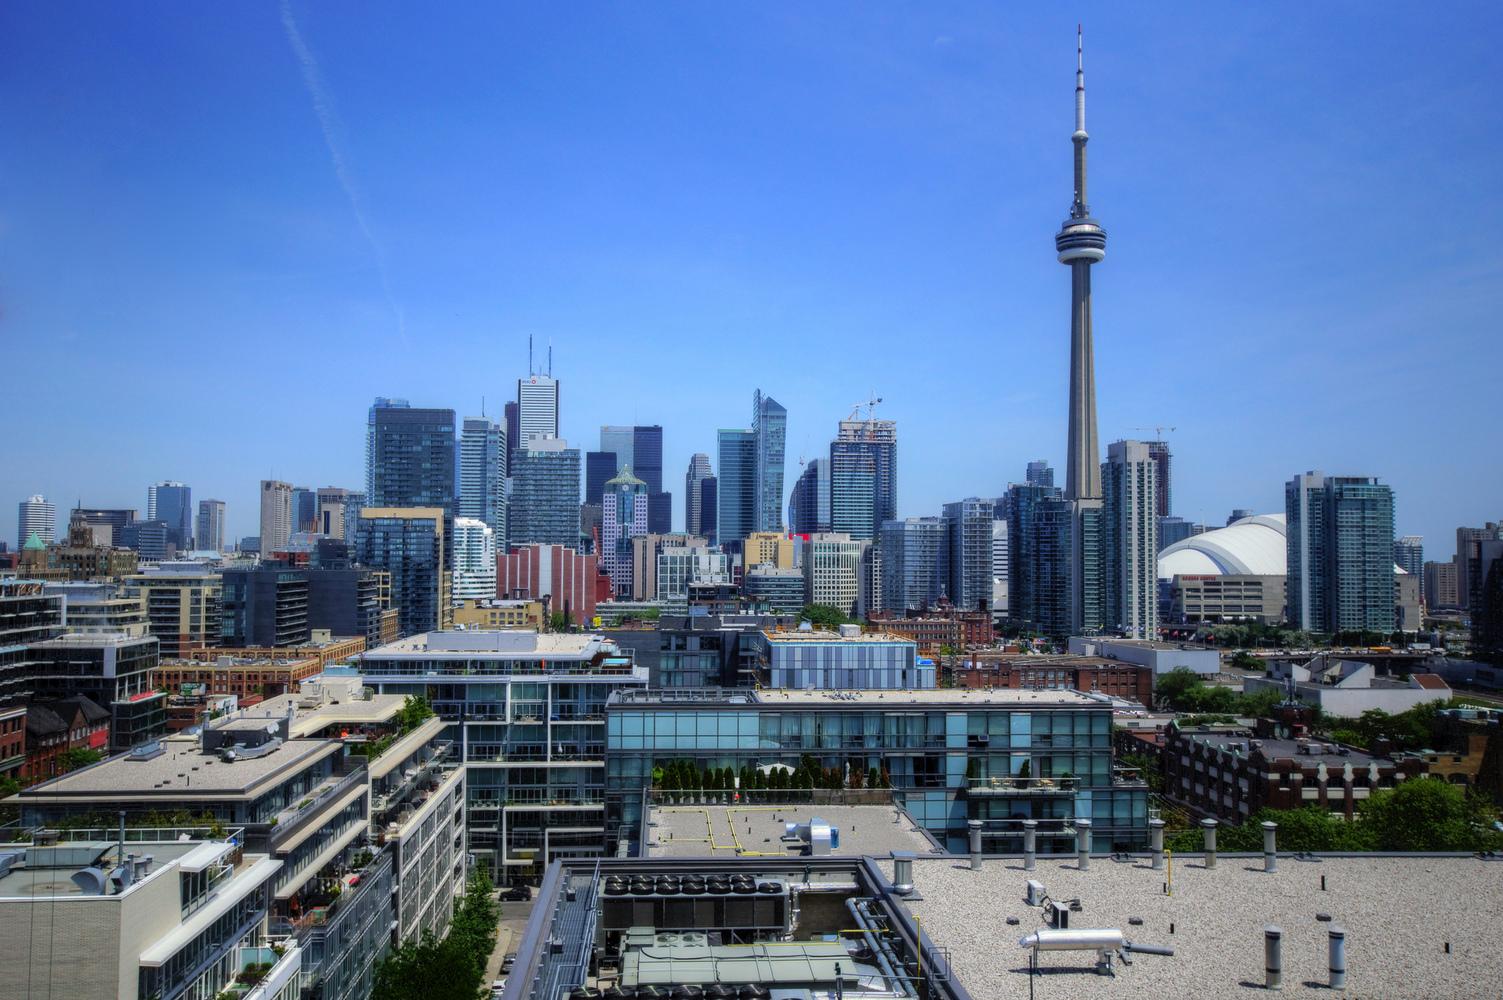 Toronto/Canada